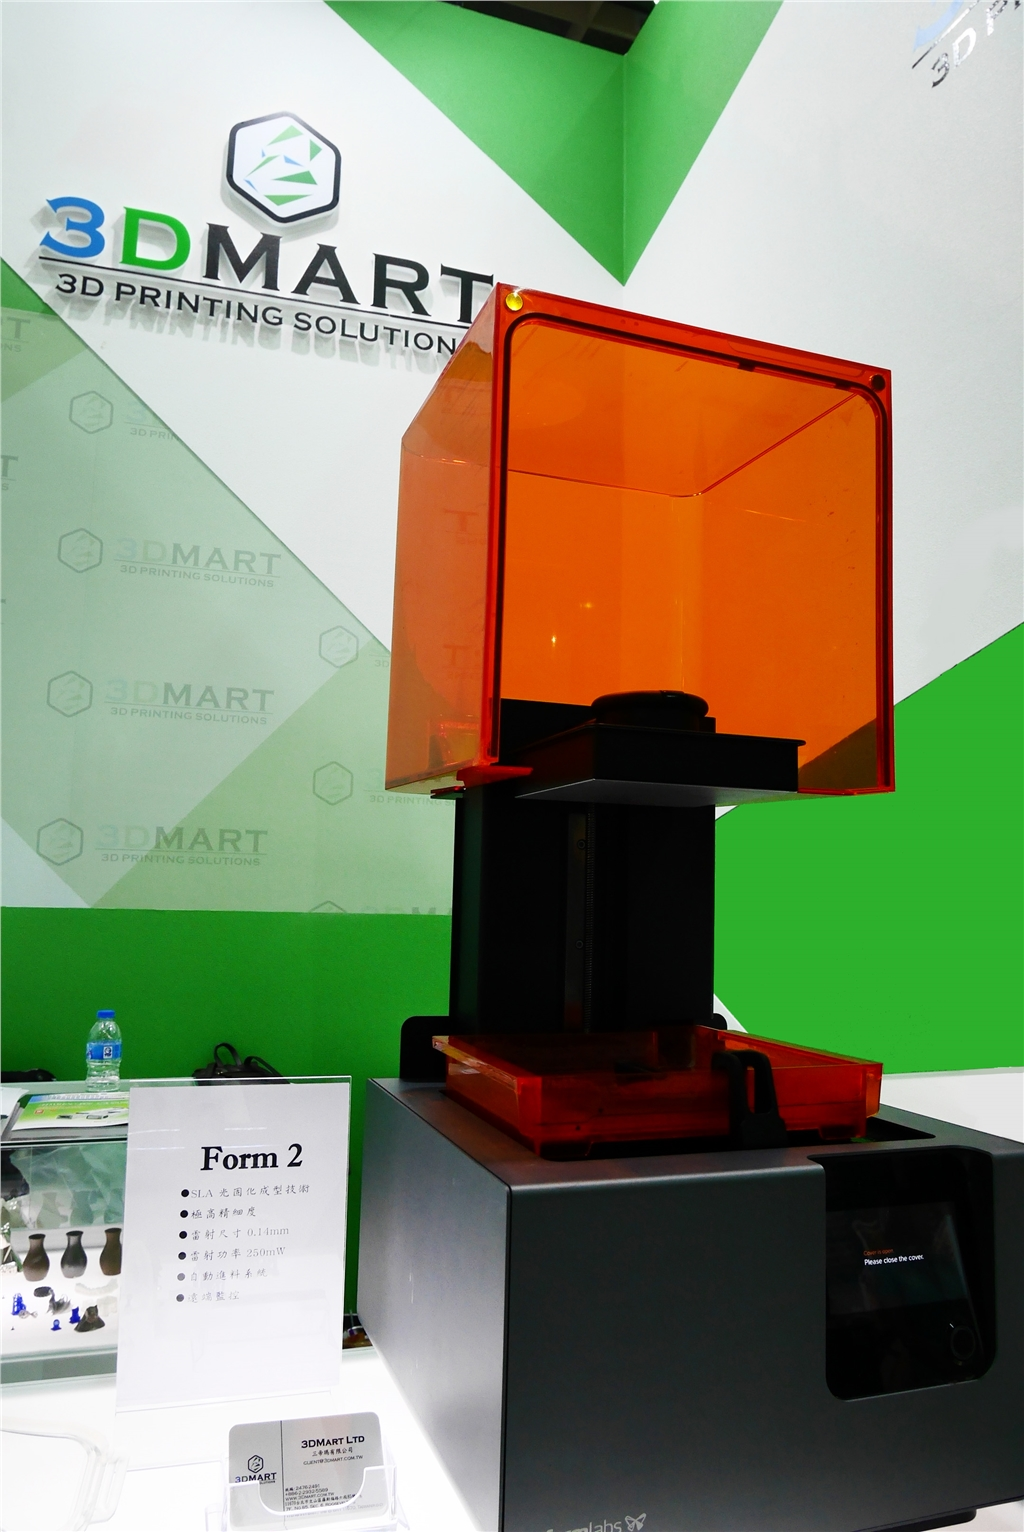 taimold 模具展 3d列印 三帝瑪 Form 2 3D印表機 成形效果精細